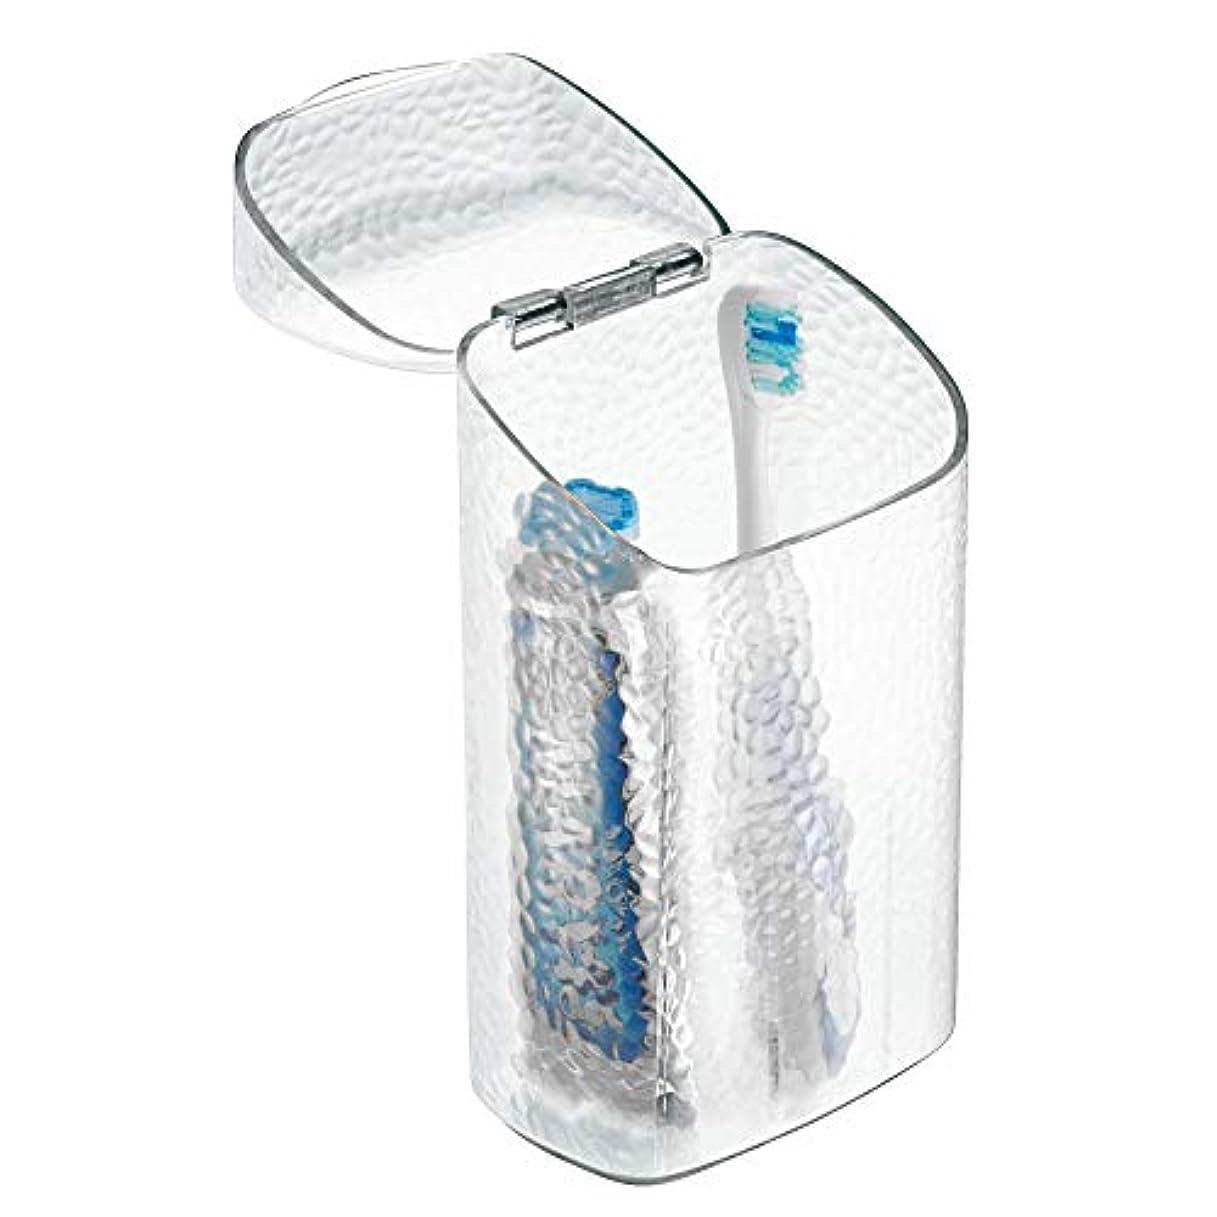 賄賂役立つ毛細血管InterDesign Rain Dental Center Toothbrush and Toothpaste Holder/Case - Clear by InterDesign [並行輸入品]